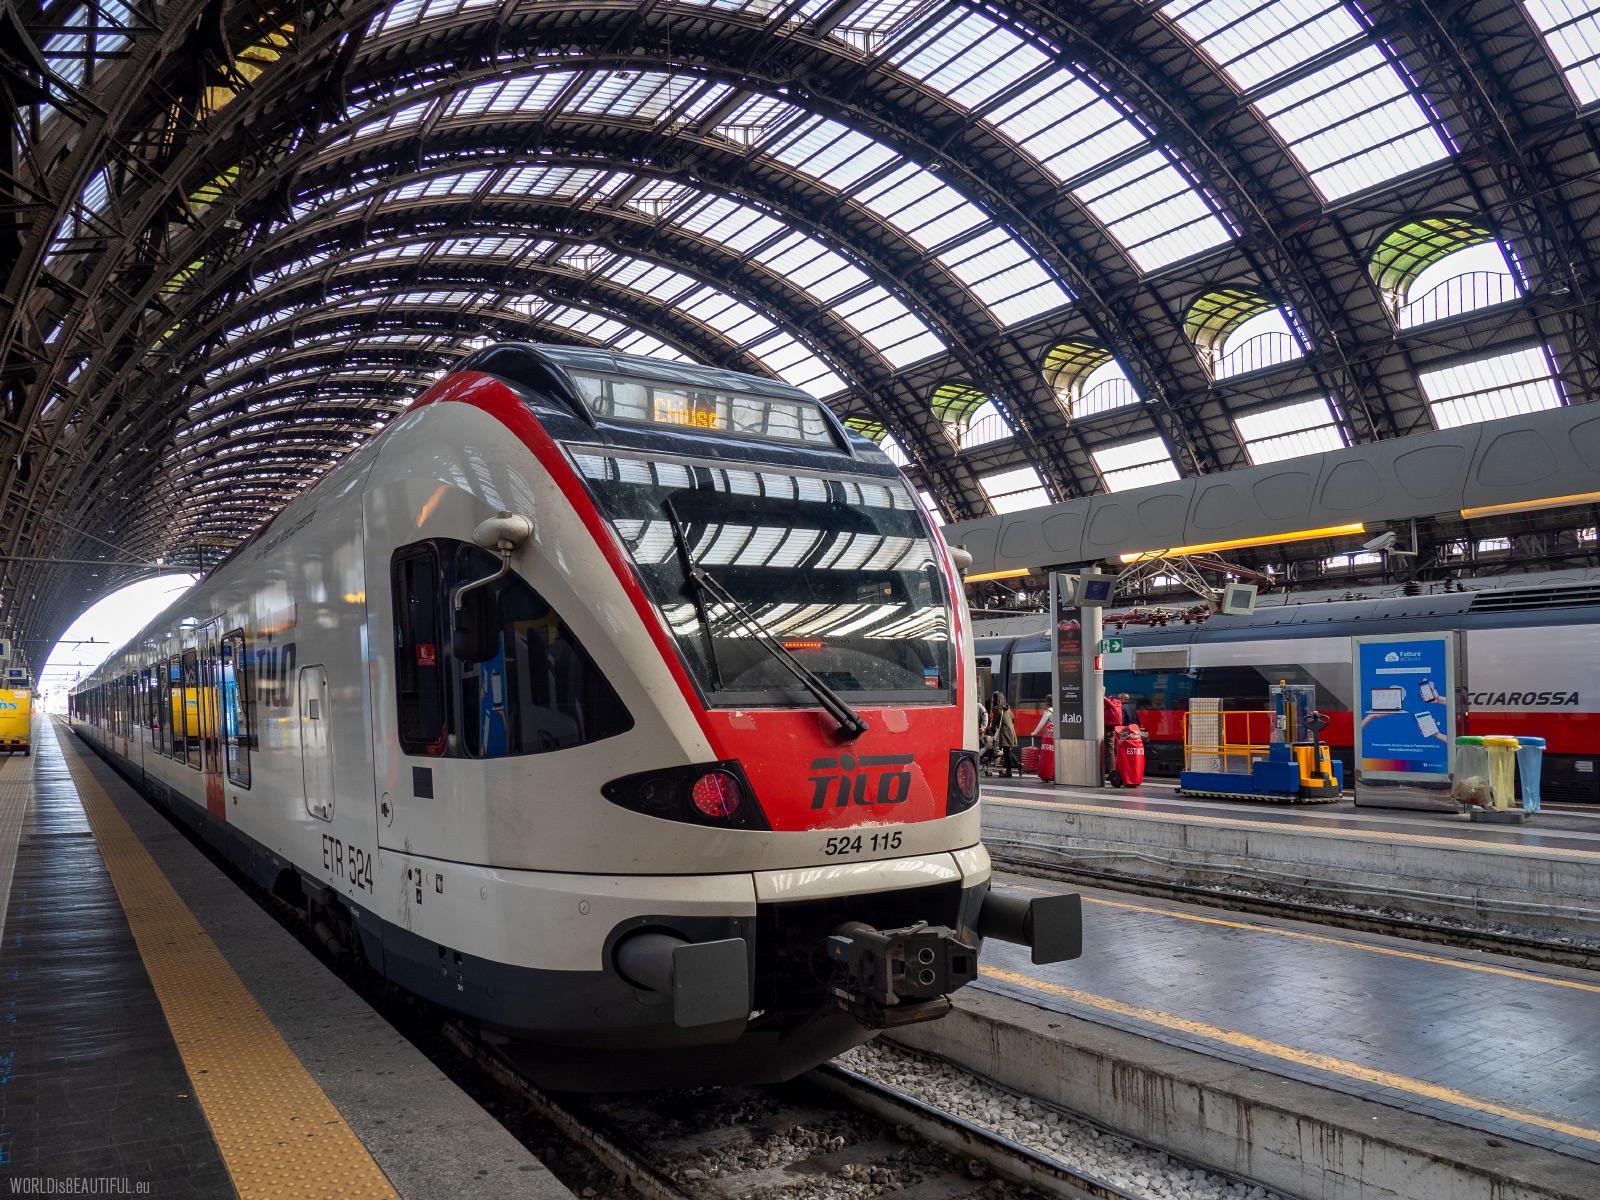 Dworzec kolejowy Milano Centrale